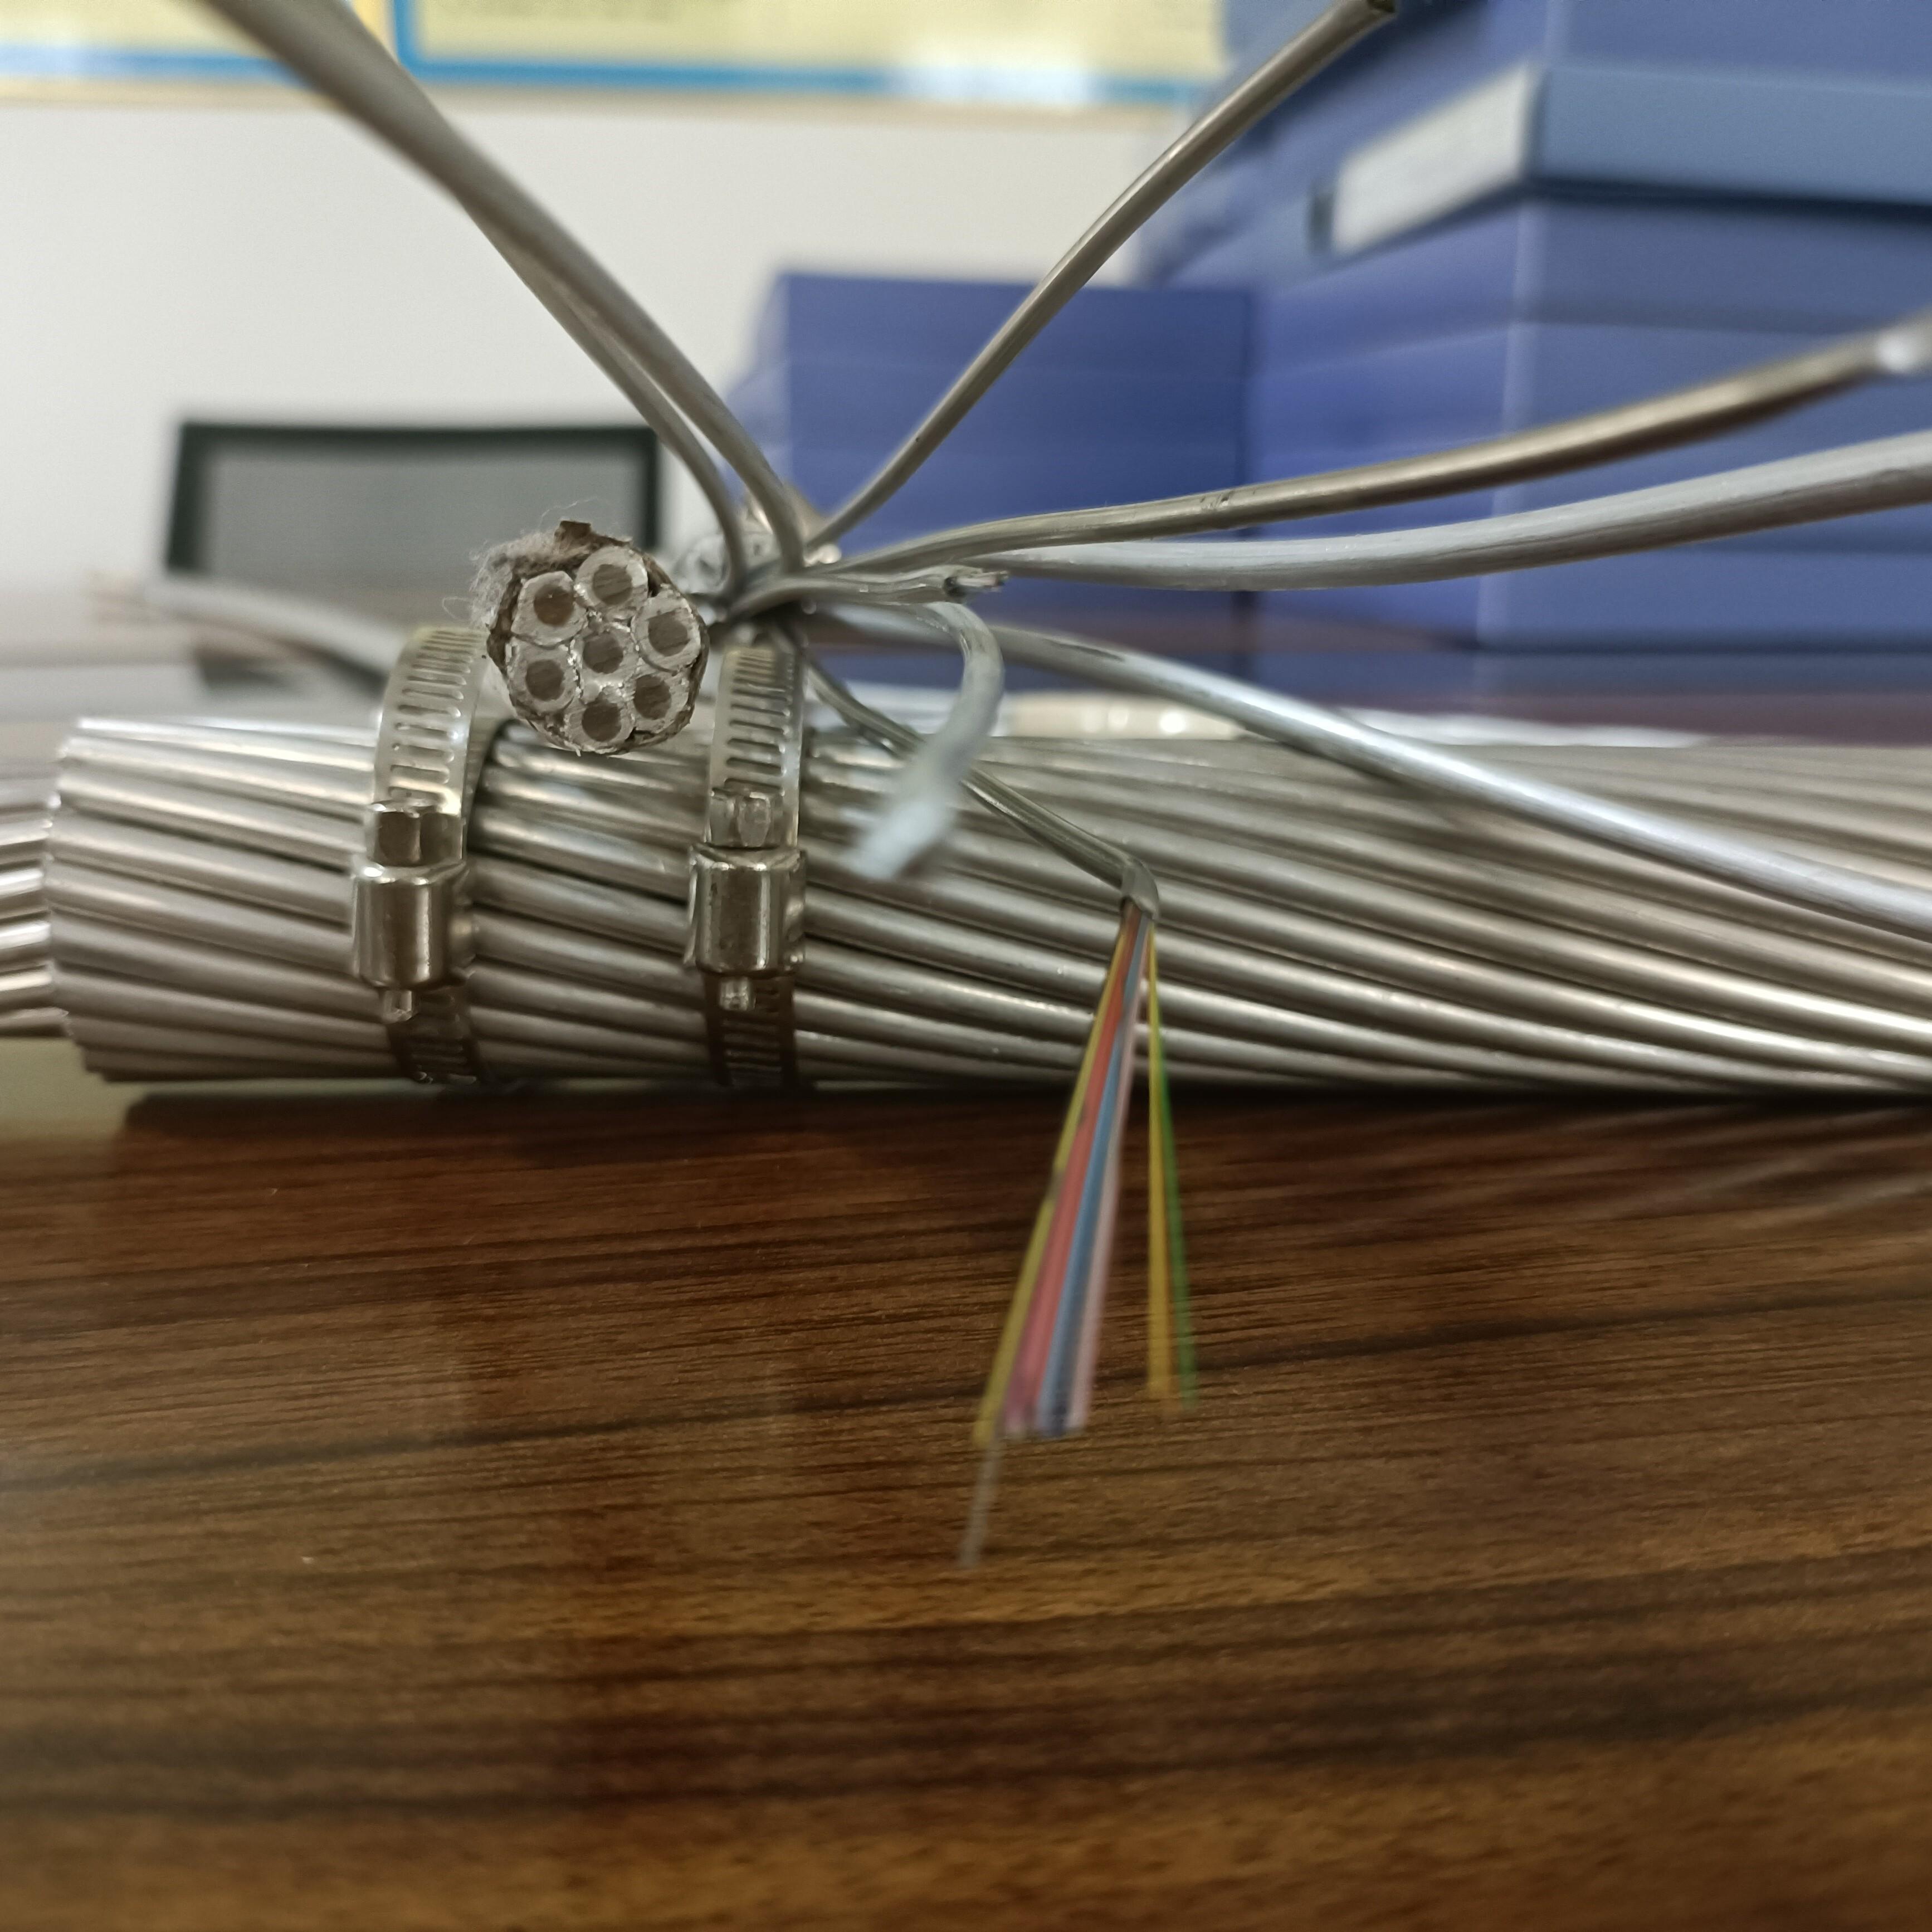 JLHN58K-1000铝管支撑耐热铝合金扩径母线